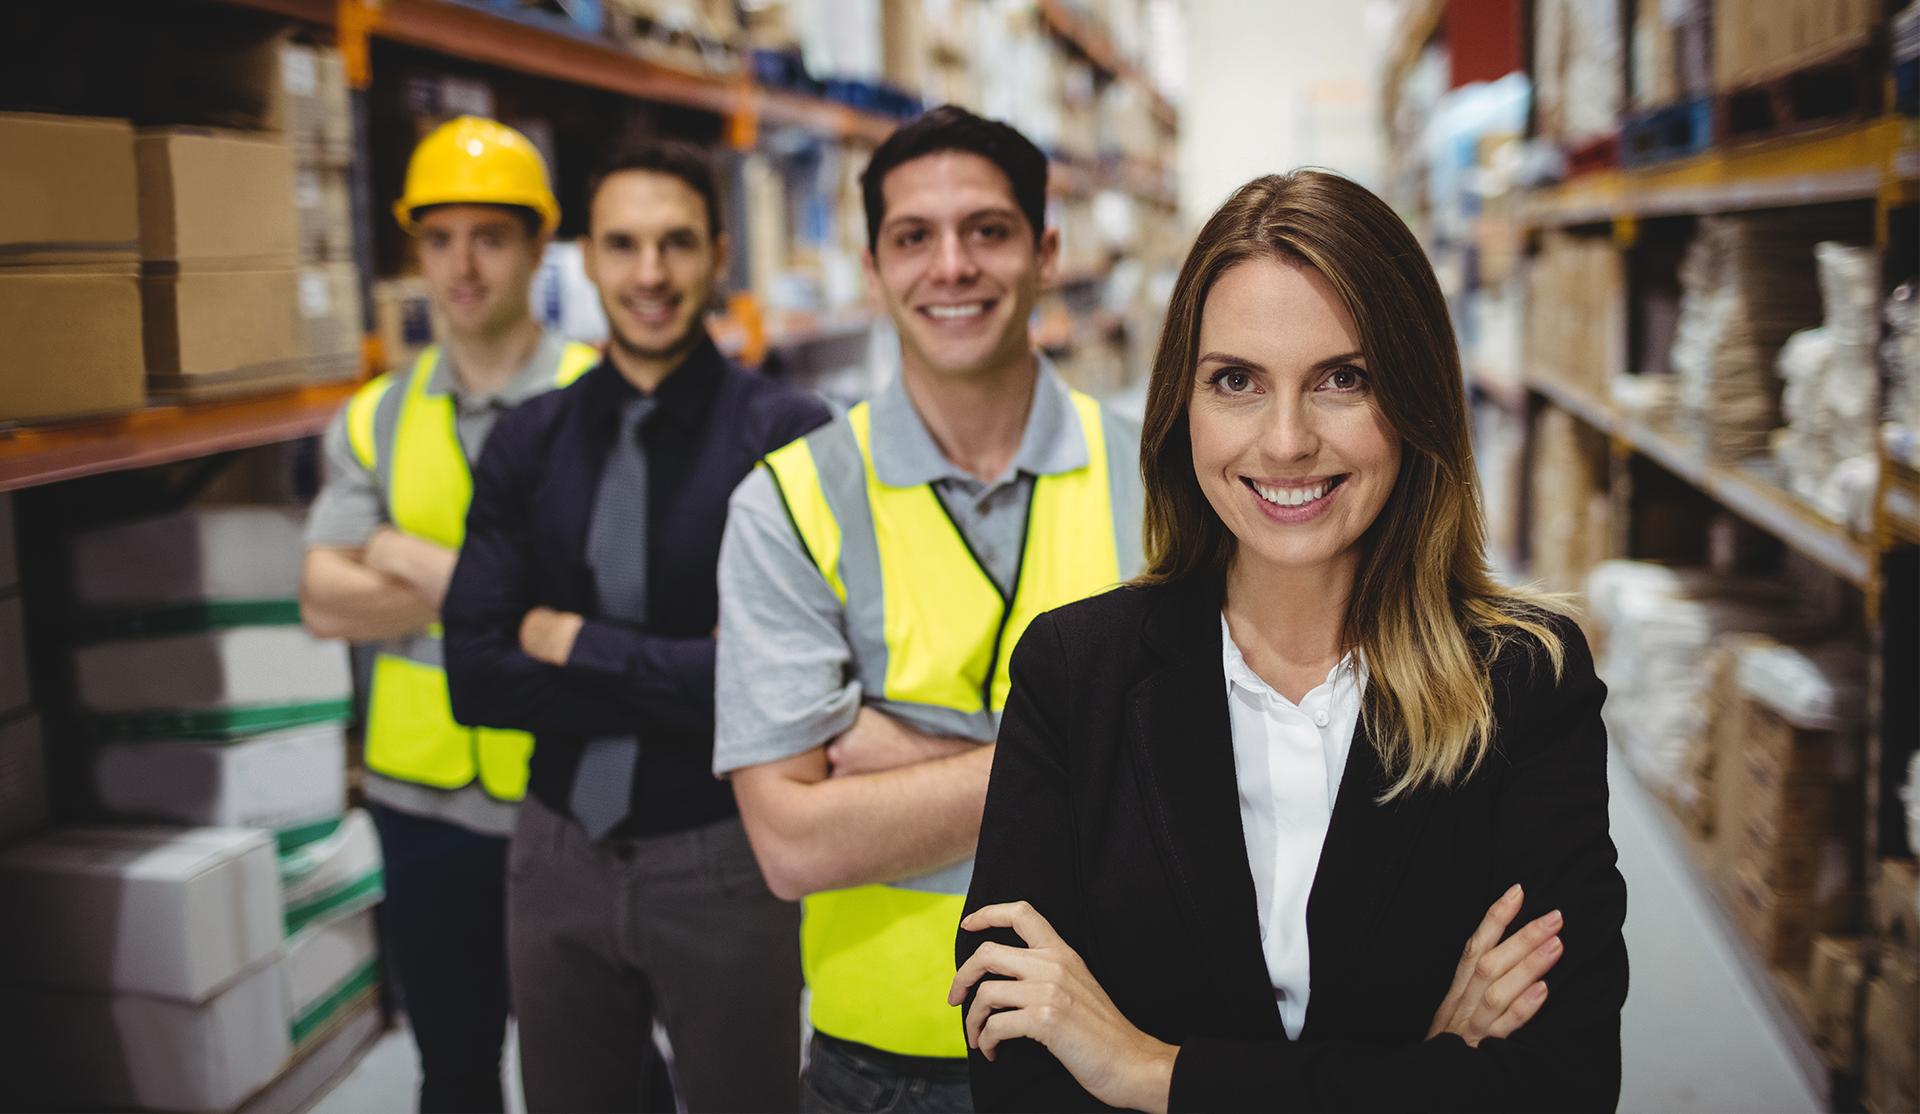 Trabajadores de almacén y directivos